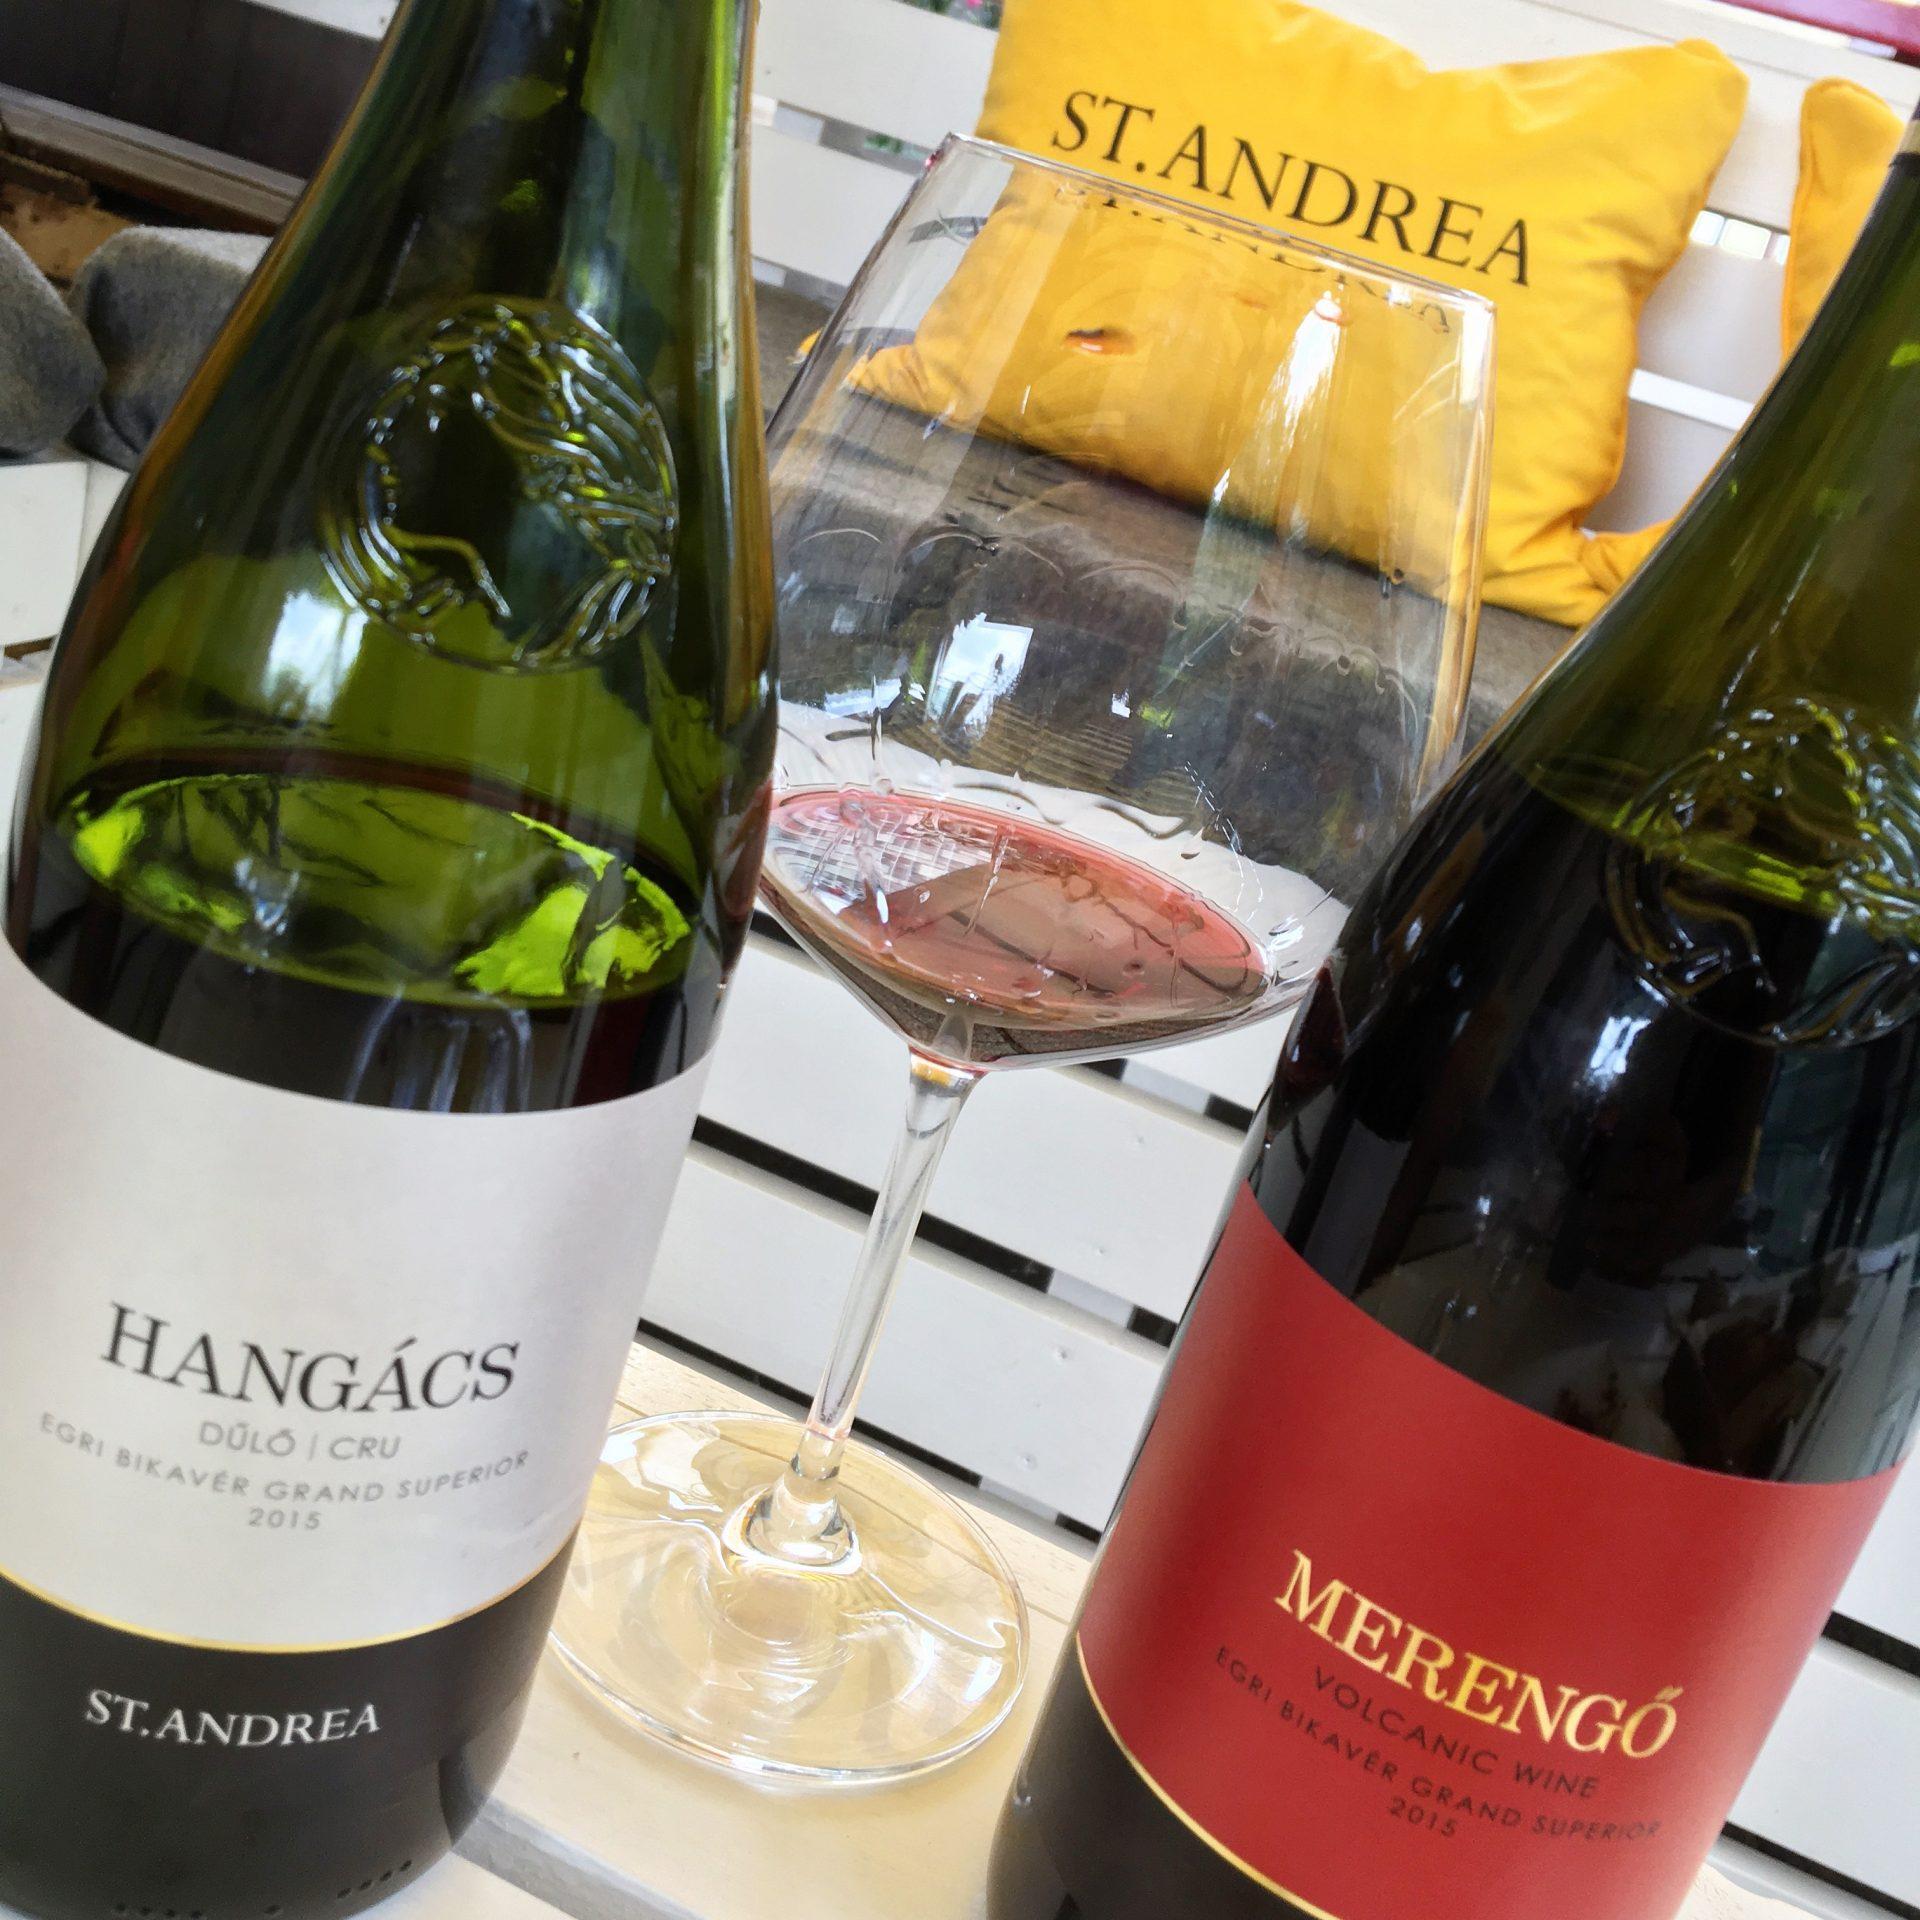 St. Andrea Egri Bikavér Wines